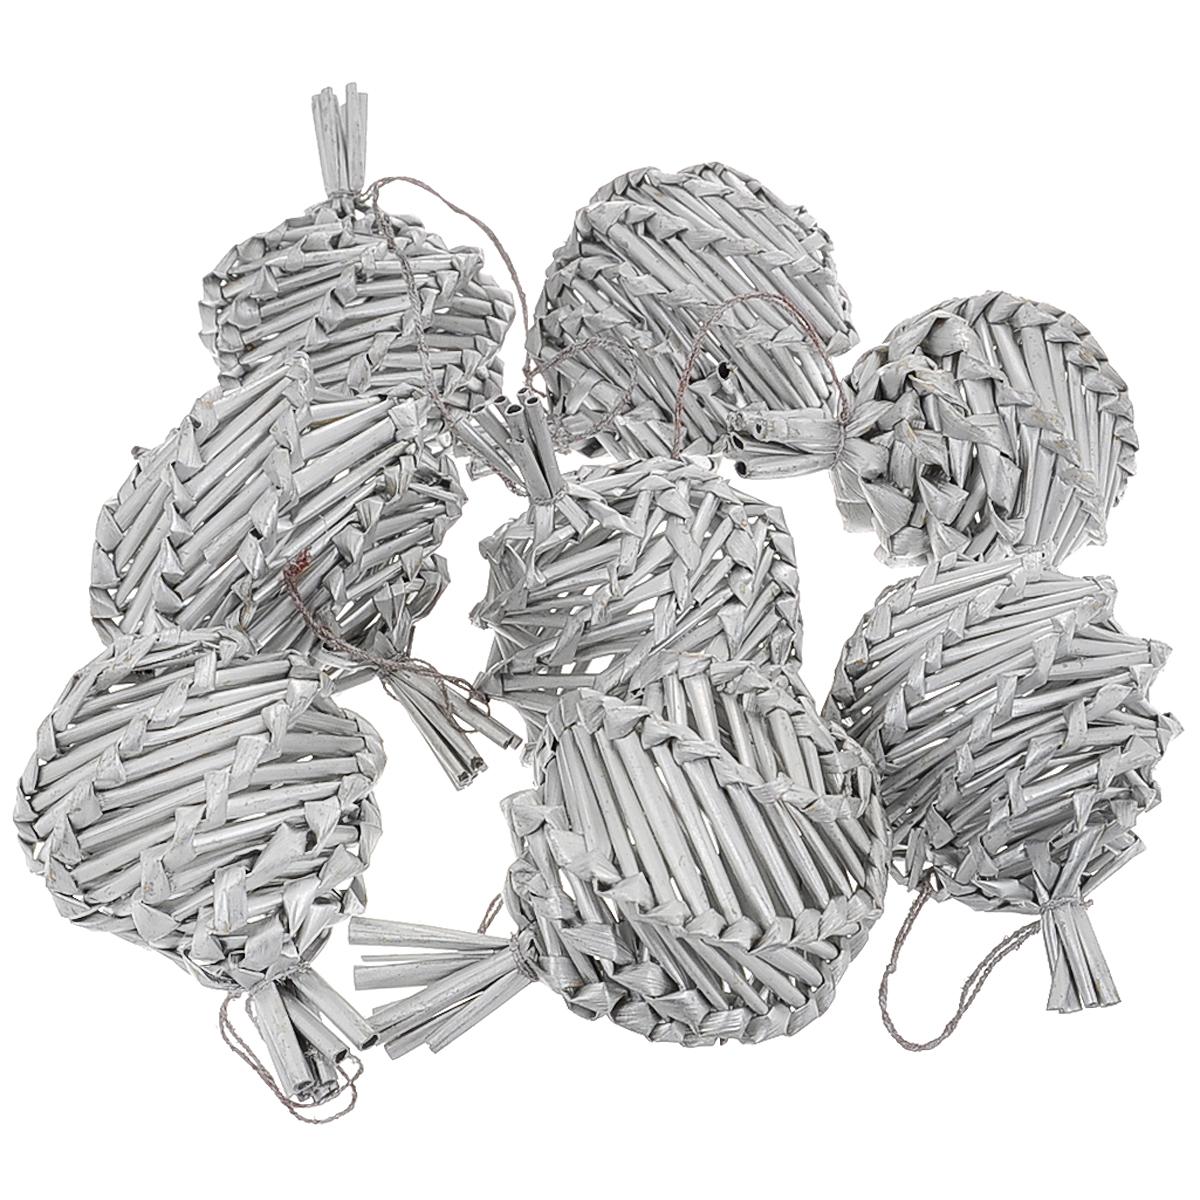 Набор новогодних подвесных украшений Соломенные шары, цвет: серебристый, 8 шт34694Набор новогодних подвесных украшений Соломенные шары, изготовленный из соломки, украсит интерьер вашего дома или офиса в преддверии Нового года. Оригинальный дизайн и красочное исполнение создадут праздничное настроение. Набор состоит из 8 фигурок в форме рельефных шариков, покрытых лаком. Украшения отлично подойдут для декорации вашего дома и новогодней ели. Игрушки оснащены специальными петлями для подвешивания.Елочная игрушка - символ Нового года. Она несет в себе волшебство и красоту праздника. Создайте в своем доме атмосферу веселья и радости, украшая всей семьей новогоднюю елку нарядными игрушками, которые будут из года в год накапливать теплоту воспоминаний. Коллекция декоративных украшений из серии Magic Time принесет в ваш дом ни с чем не сравнимое ощущение волшебства!